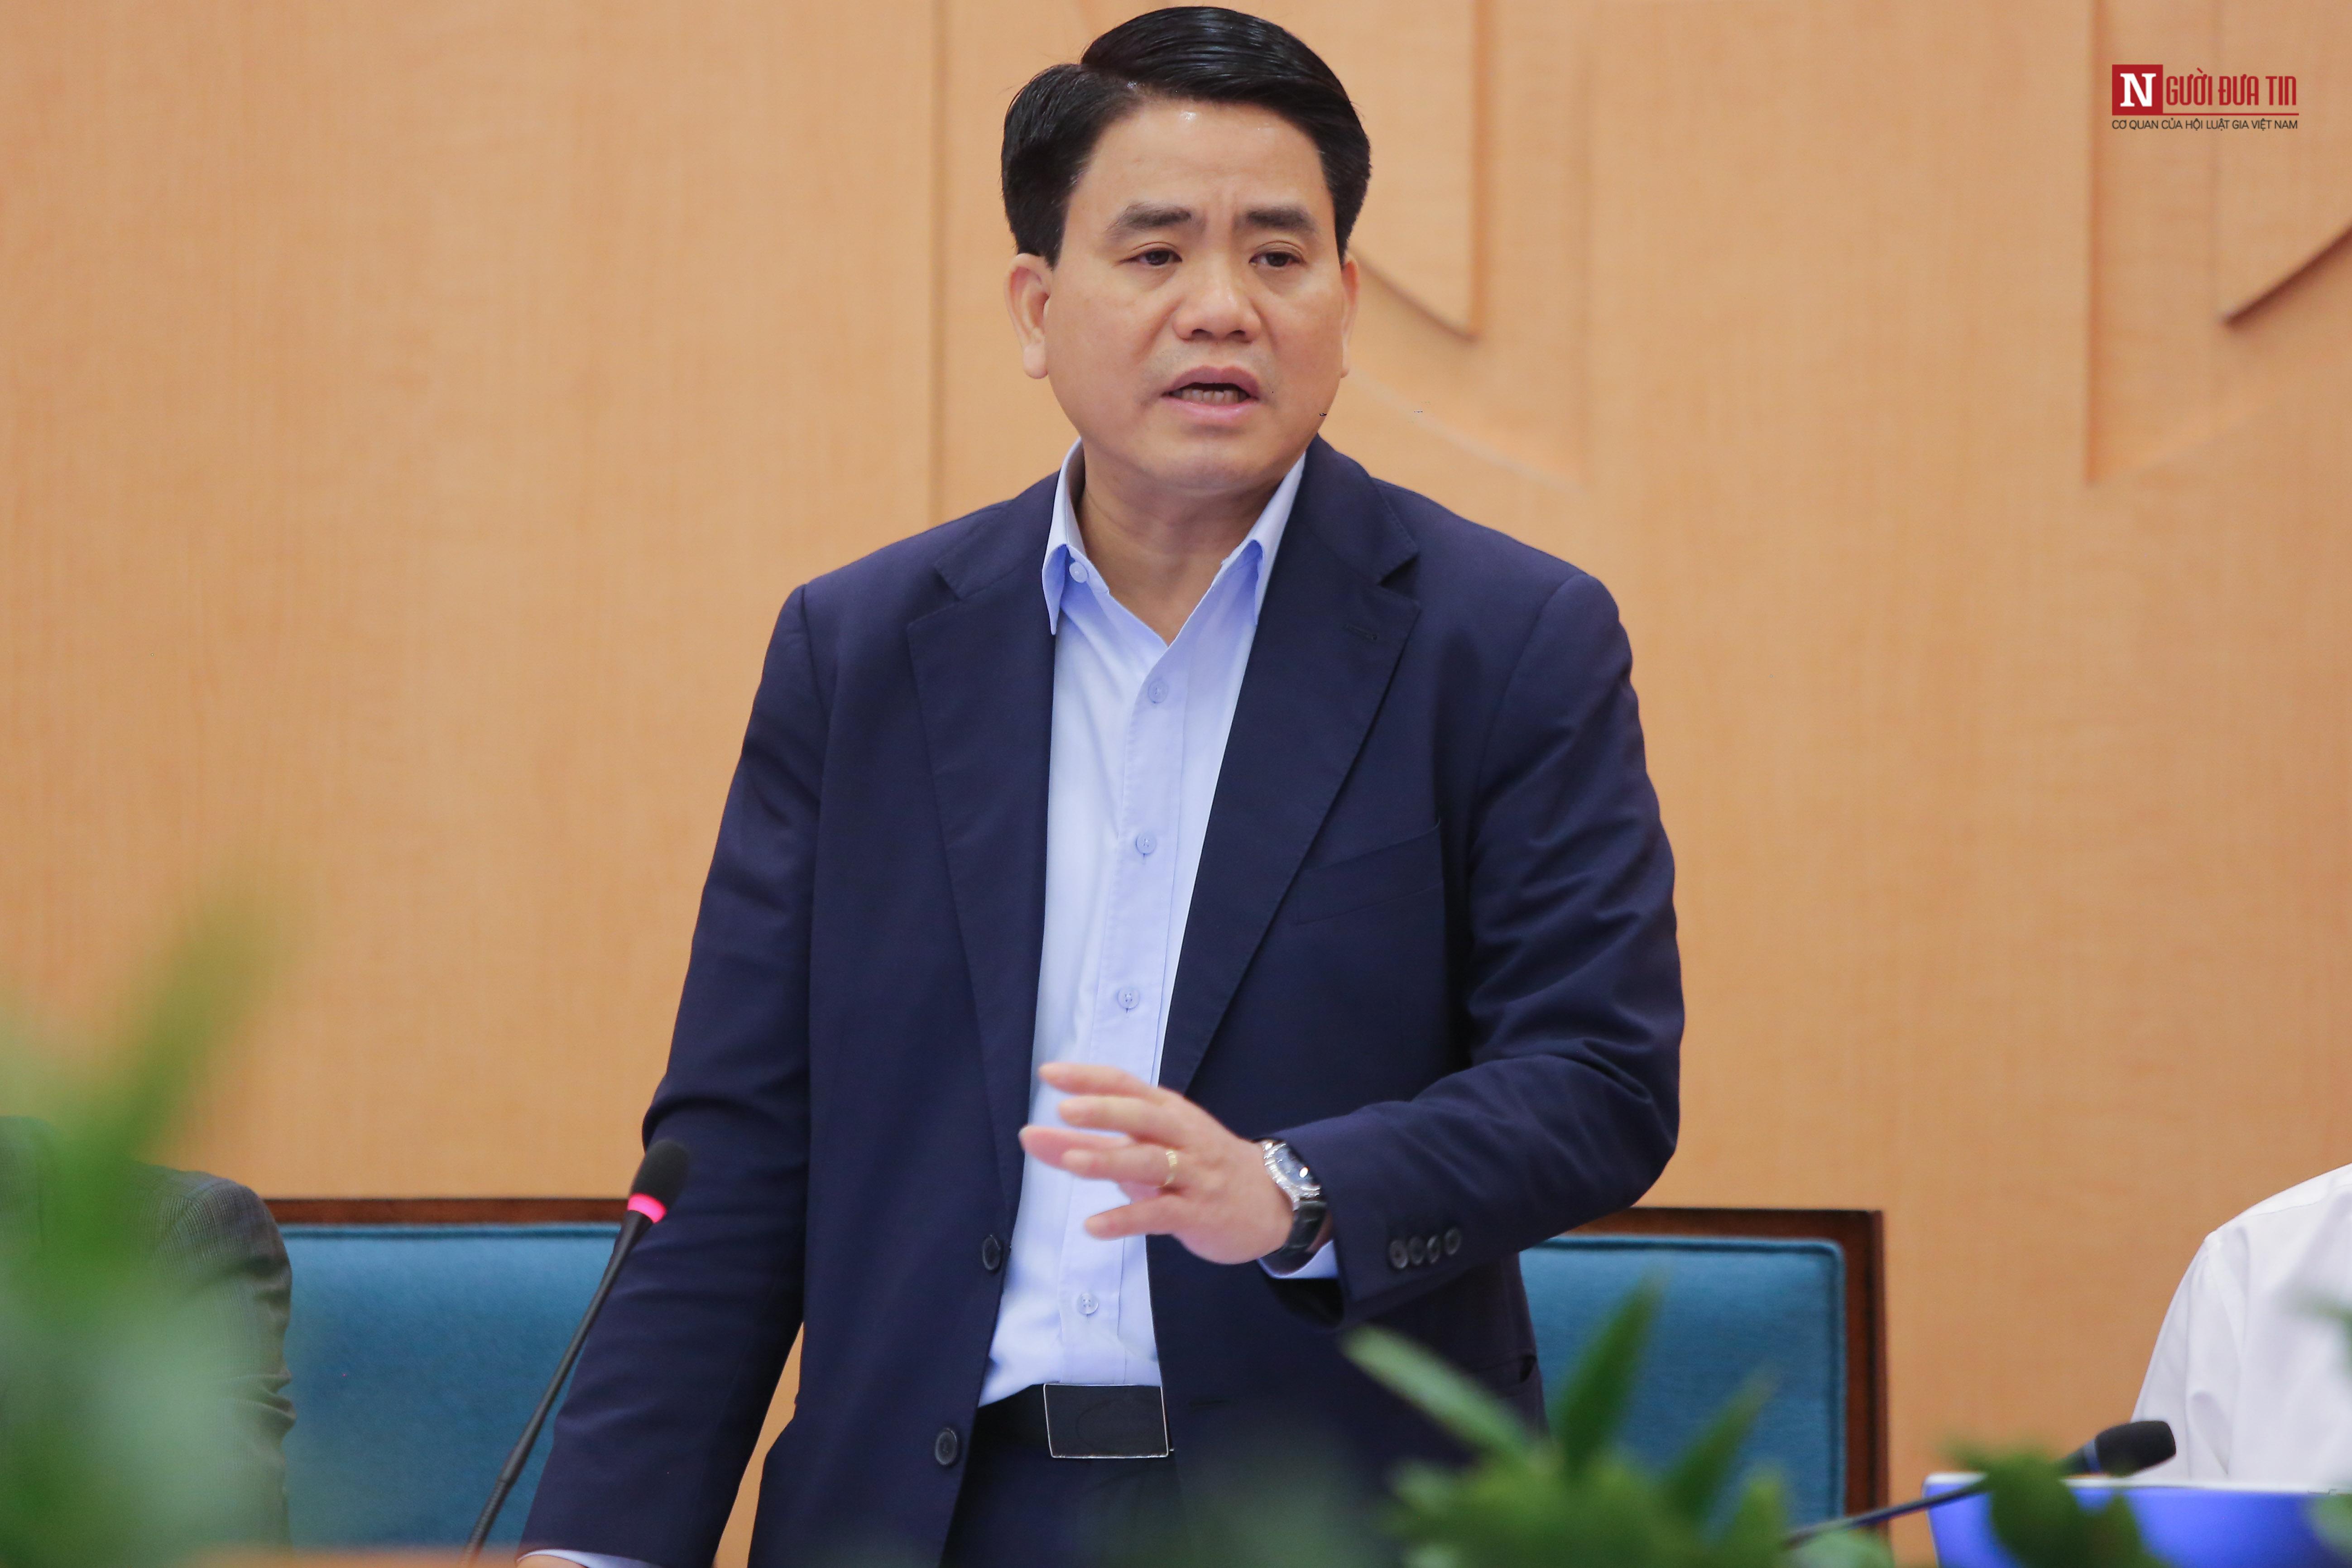 Bộ Công an mời nhiều cán bộ y tế của Hà Nội làm việc về việc mua thiết bị - Ảnh 1